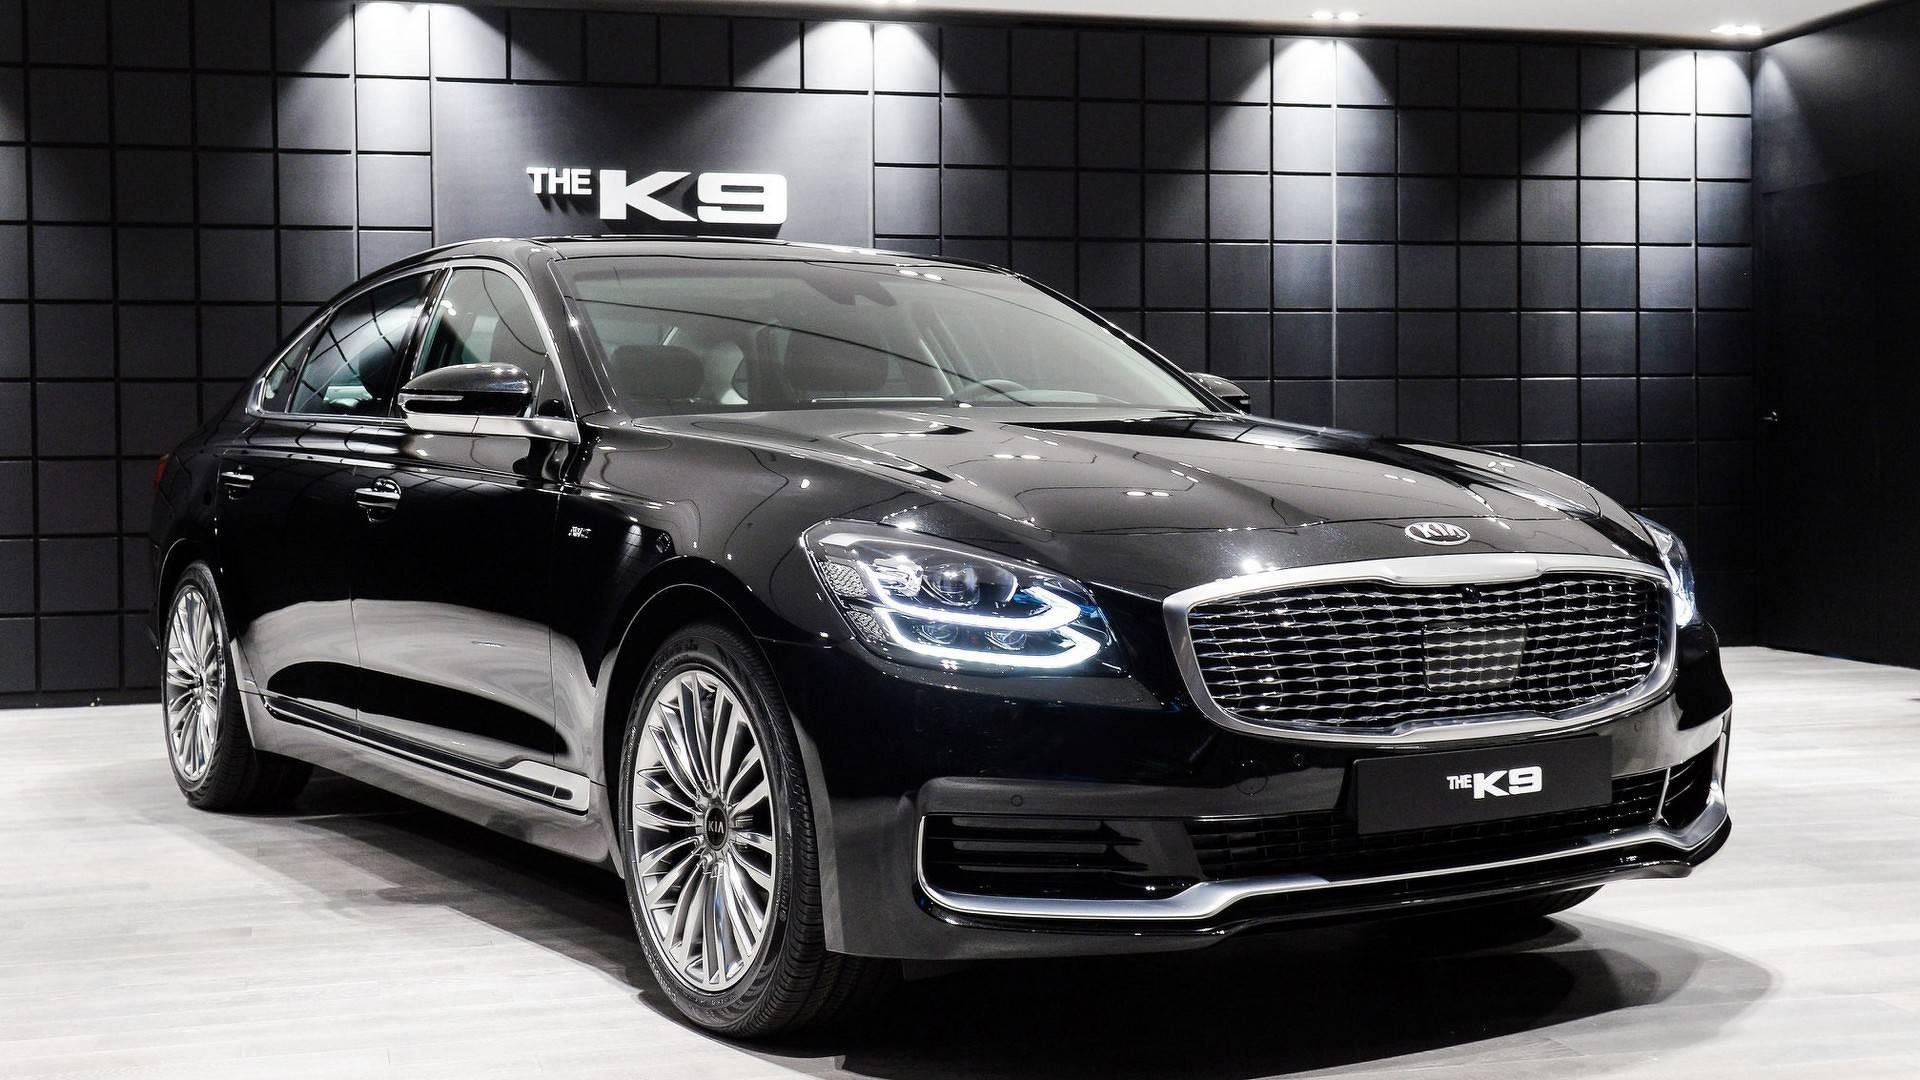 Kia K9 thế hệ mới ra mắt - tham vọng cạnh tranh xe Đức